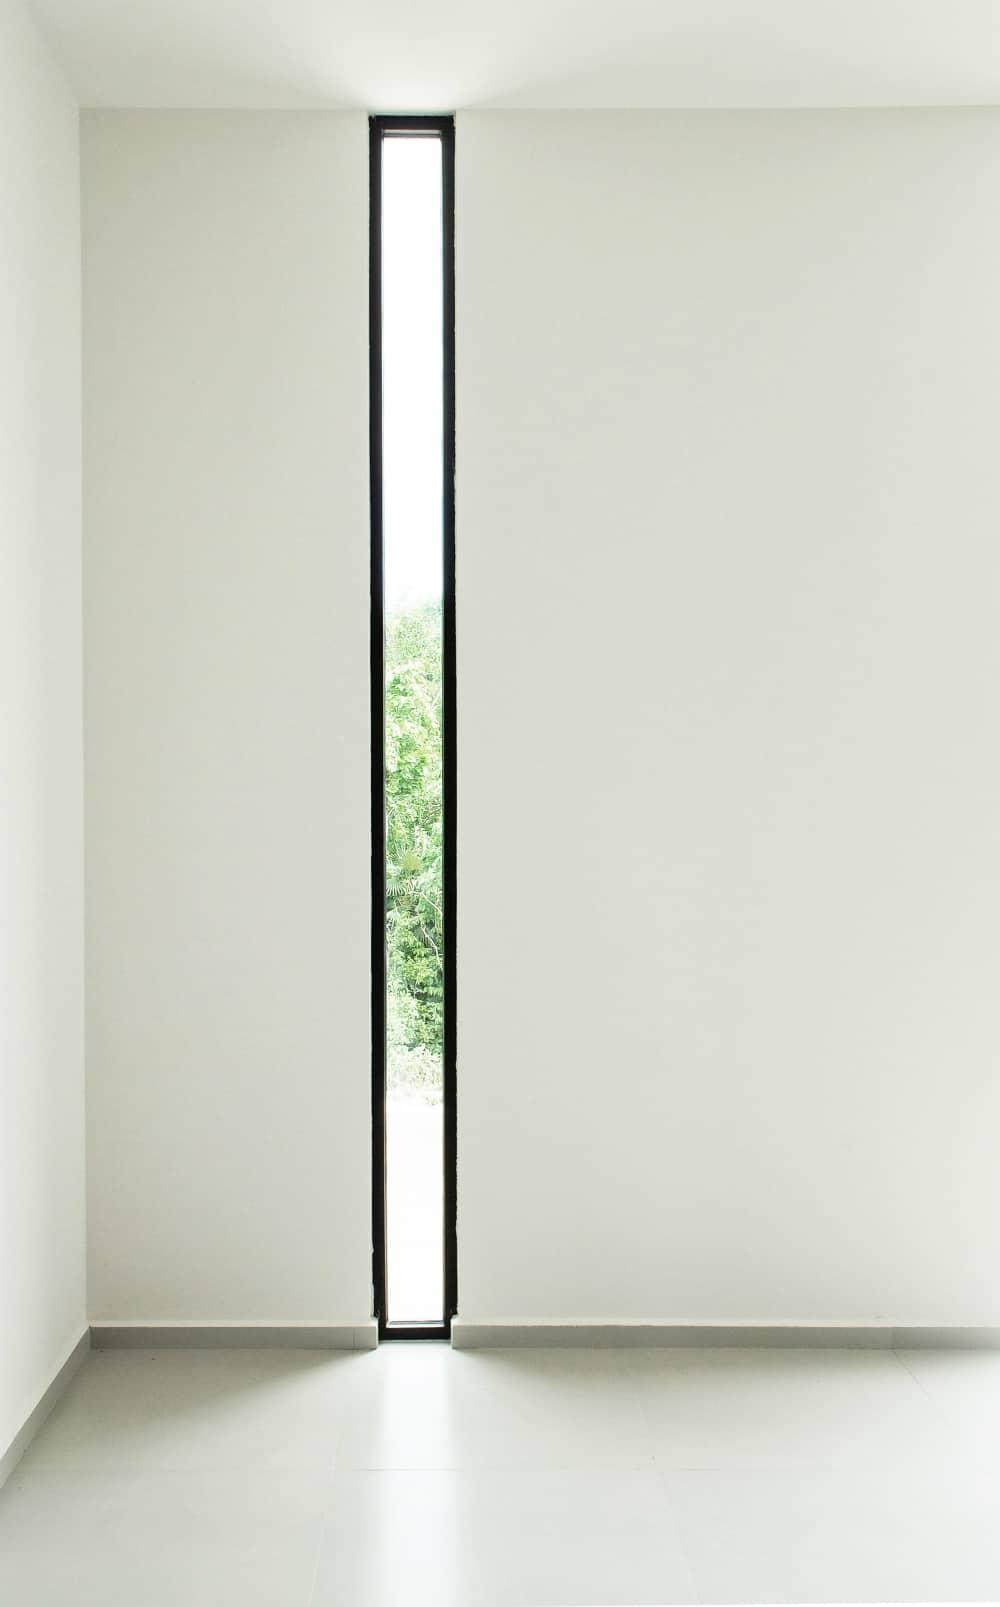 Casa W41 by Warmarchitects